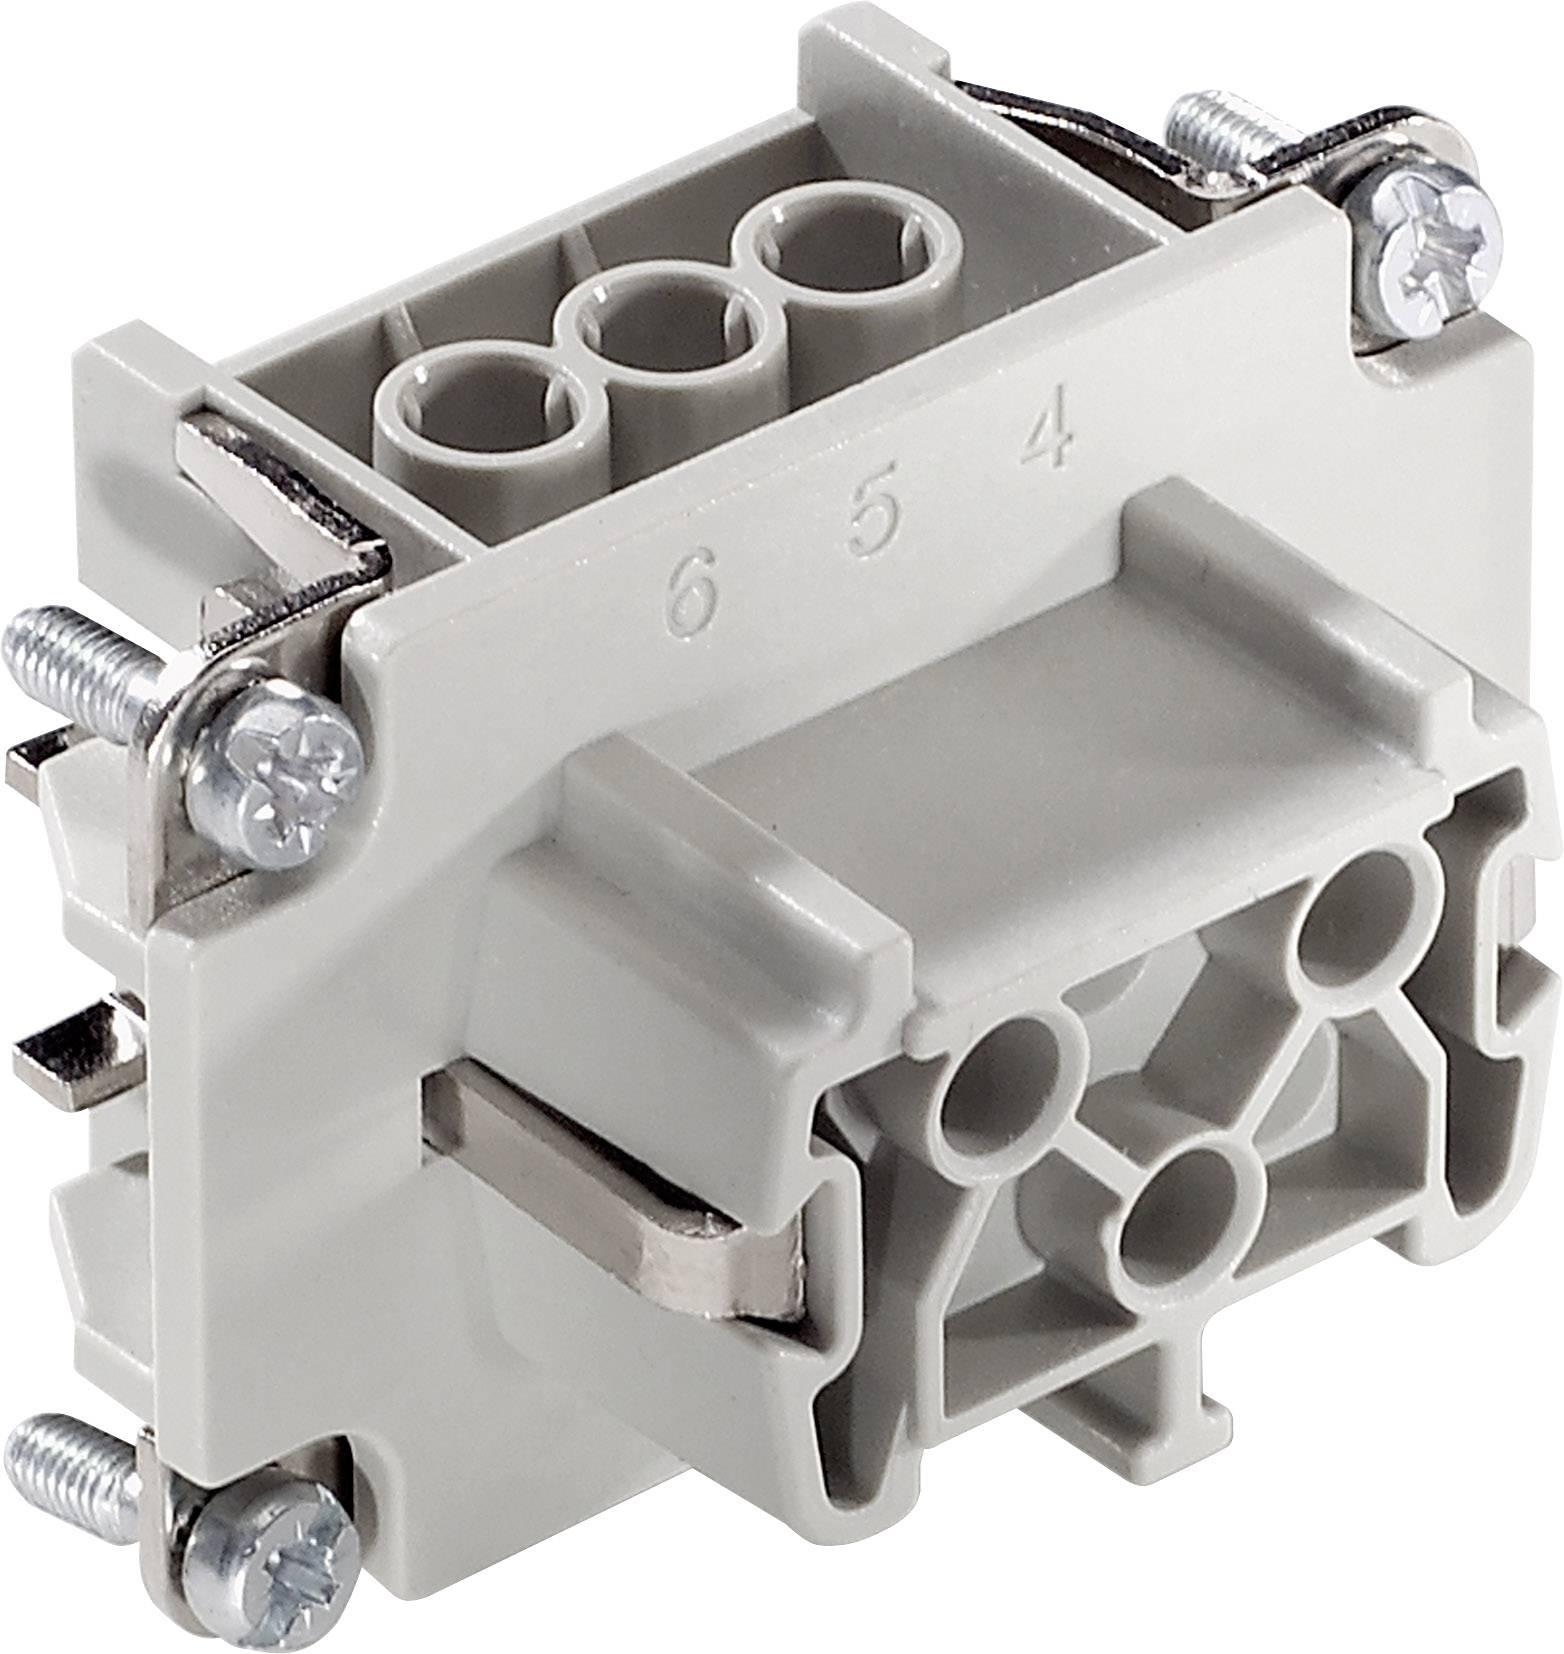 Konektorová vložka, zásuvka EPIC® H-B 6 10191000 LappKabel počet kontaktů 6 + PE 1 ks